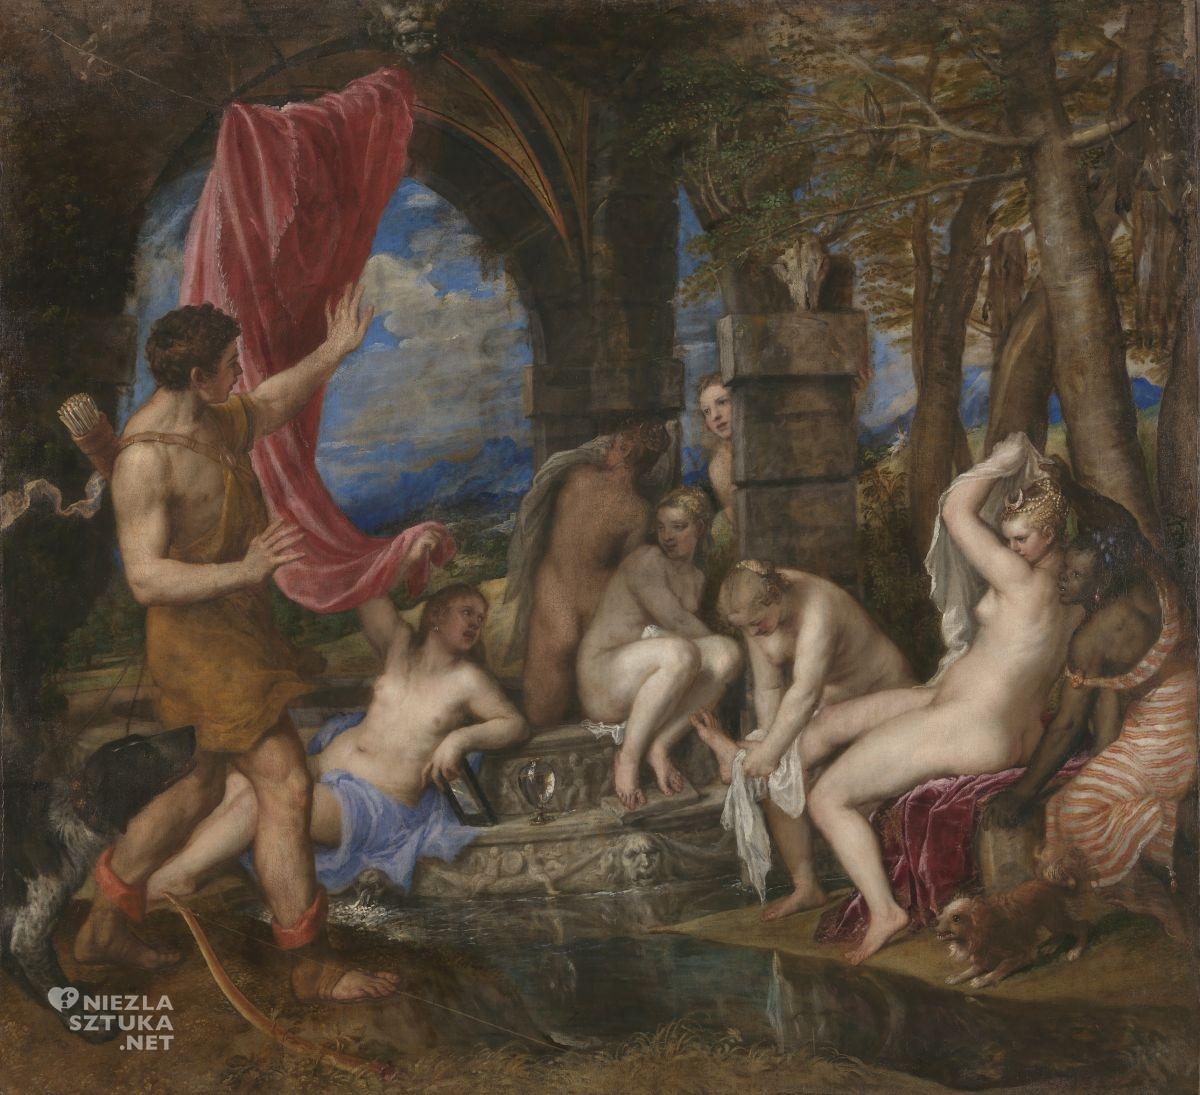 Tycjan, Diana i Akteon, renesans, sztuka włoska, Niezła Sztuka